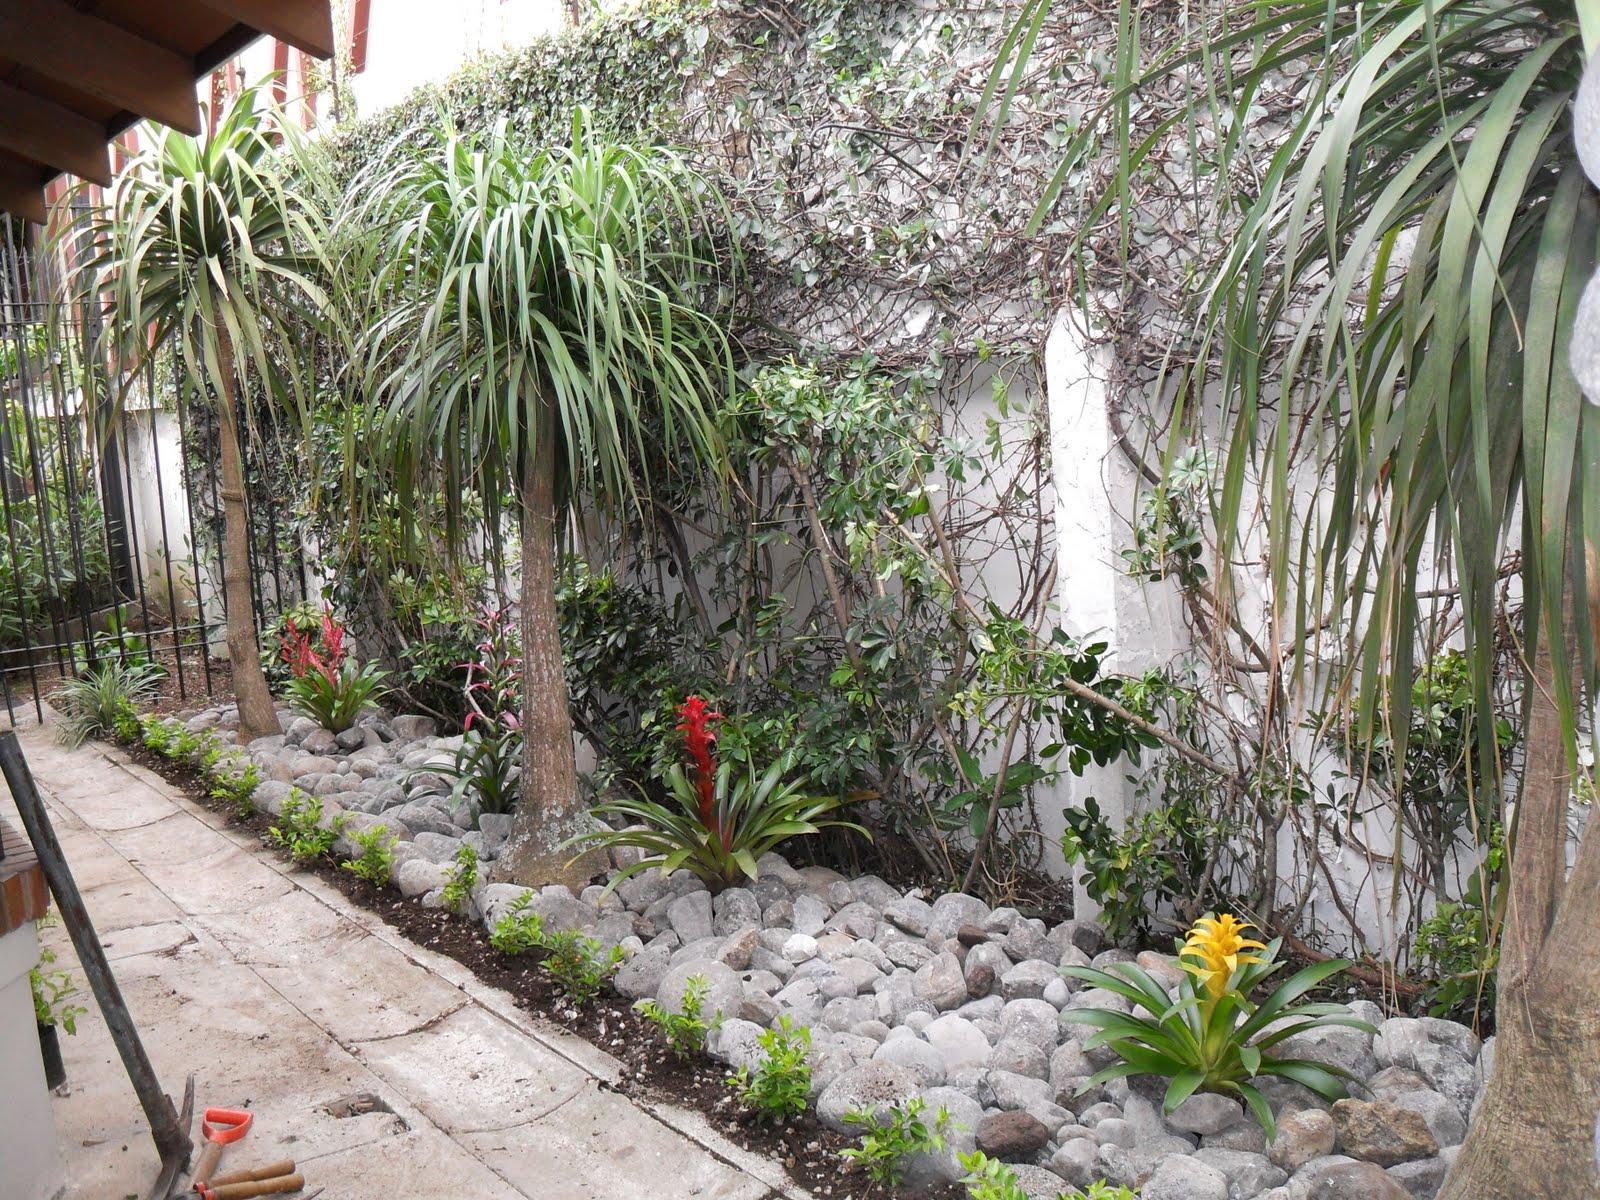 Mantenimiento y dise o de jardines jardin seco for Jardines con piedras y troncos